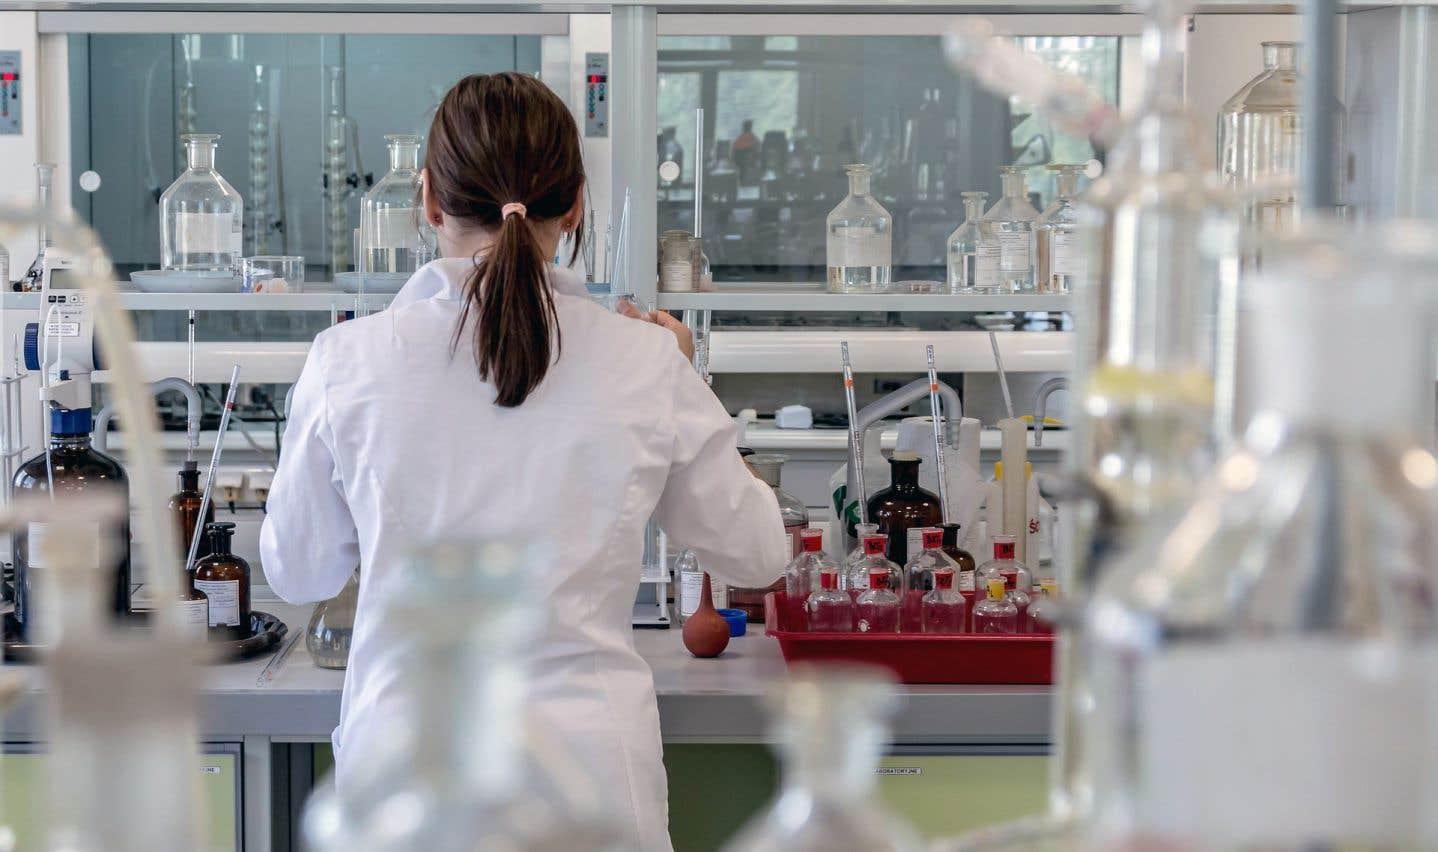 Au quotidien, les chimistes et les microbiologistes font des gestes et posent des jugements qui ont un impact sur la santé et la sécurité de la population, soulignent les auteurs.